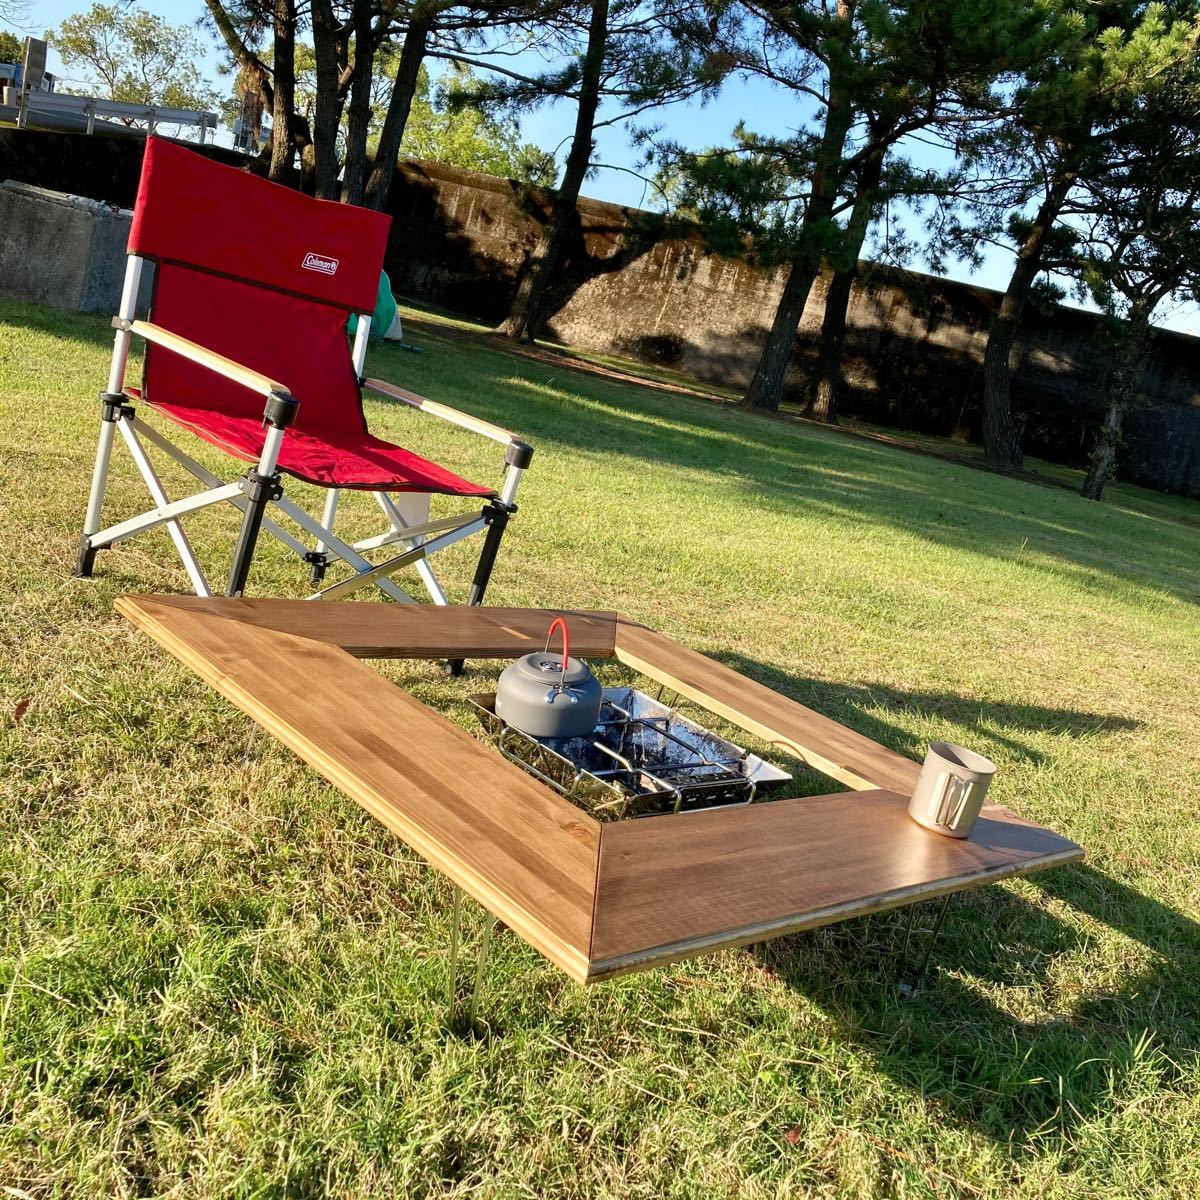 アウトドア用 キャンプテーブル 囲炉裏テーブル 焚き火台テーブル 防炎施工有り レジャーテーブル アウトドア キャンプ 多機能